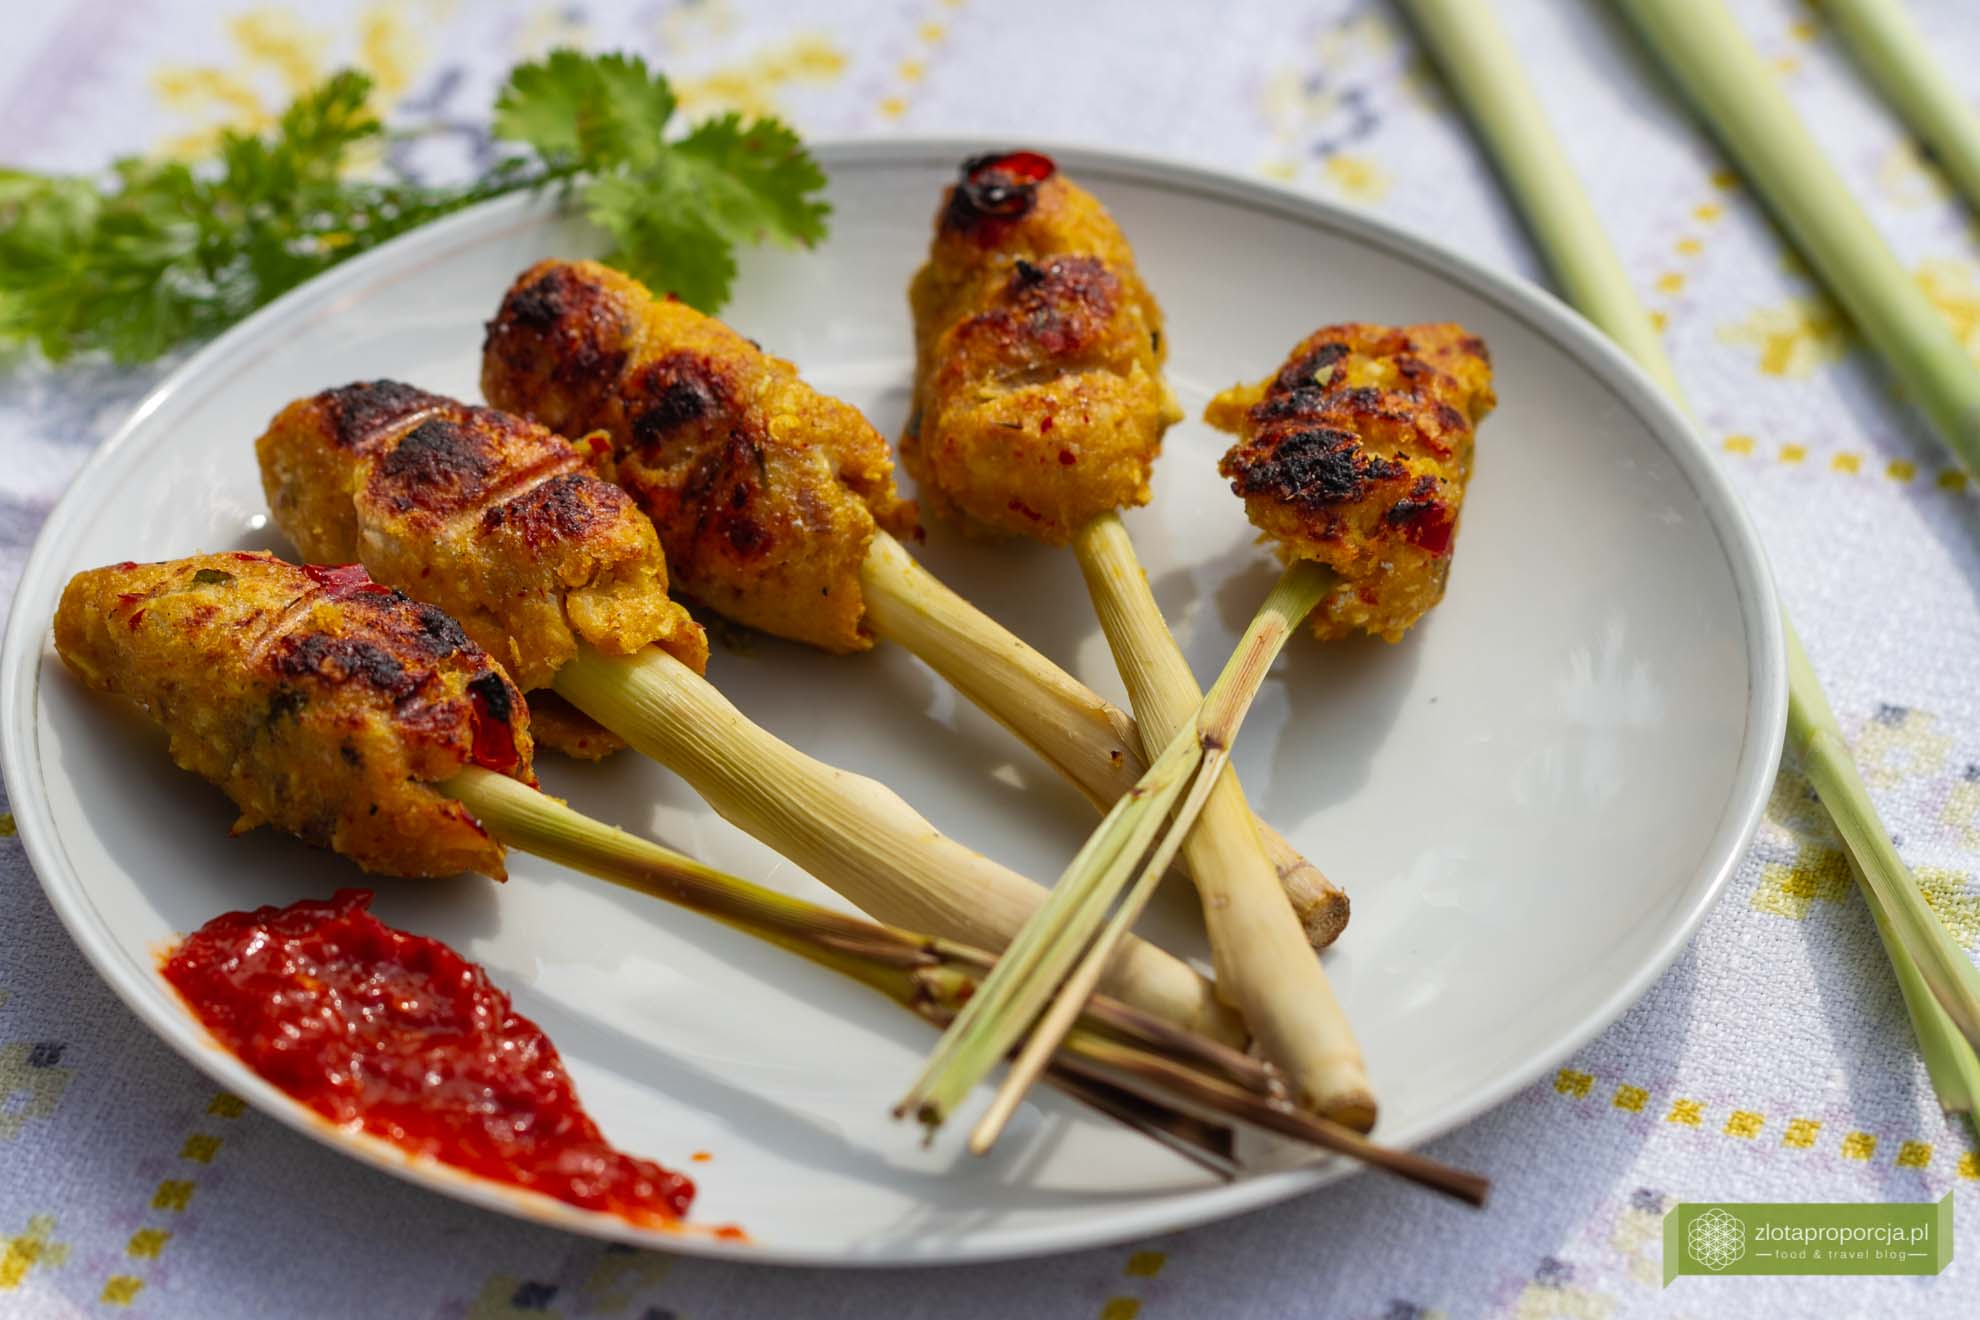 Sate Lilit Bali; indonezyjskie szaszłyki rybne; szaszłyki na trawie cytrynowej; szaszłyki z Bali' szaszłyki po indonezyjsku; kuchnia indonezyjska; kuchnia Indonezji; kuchnia Bali;